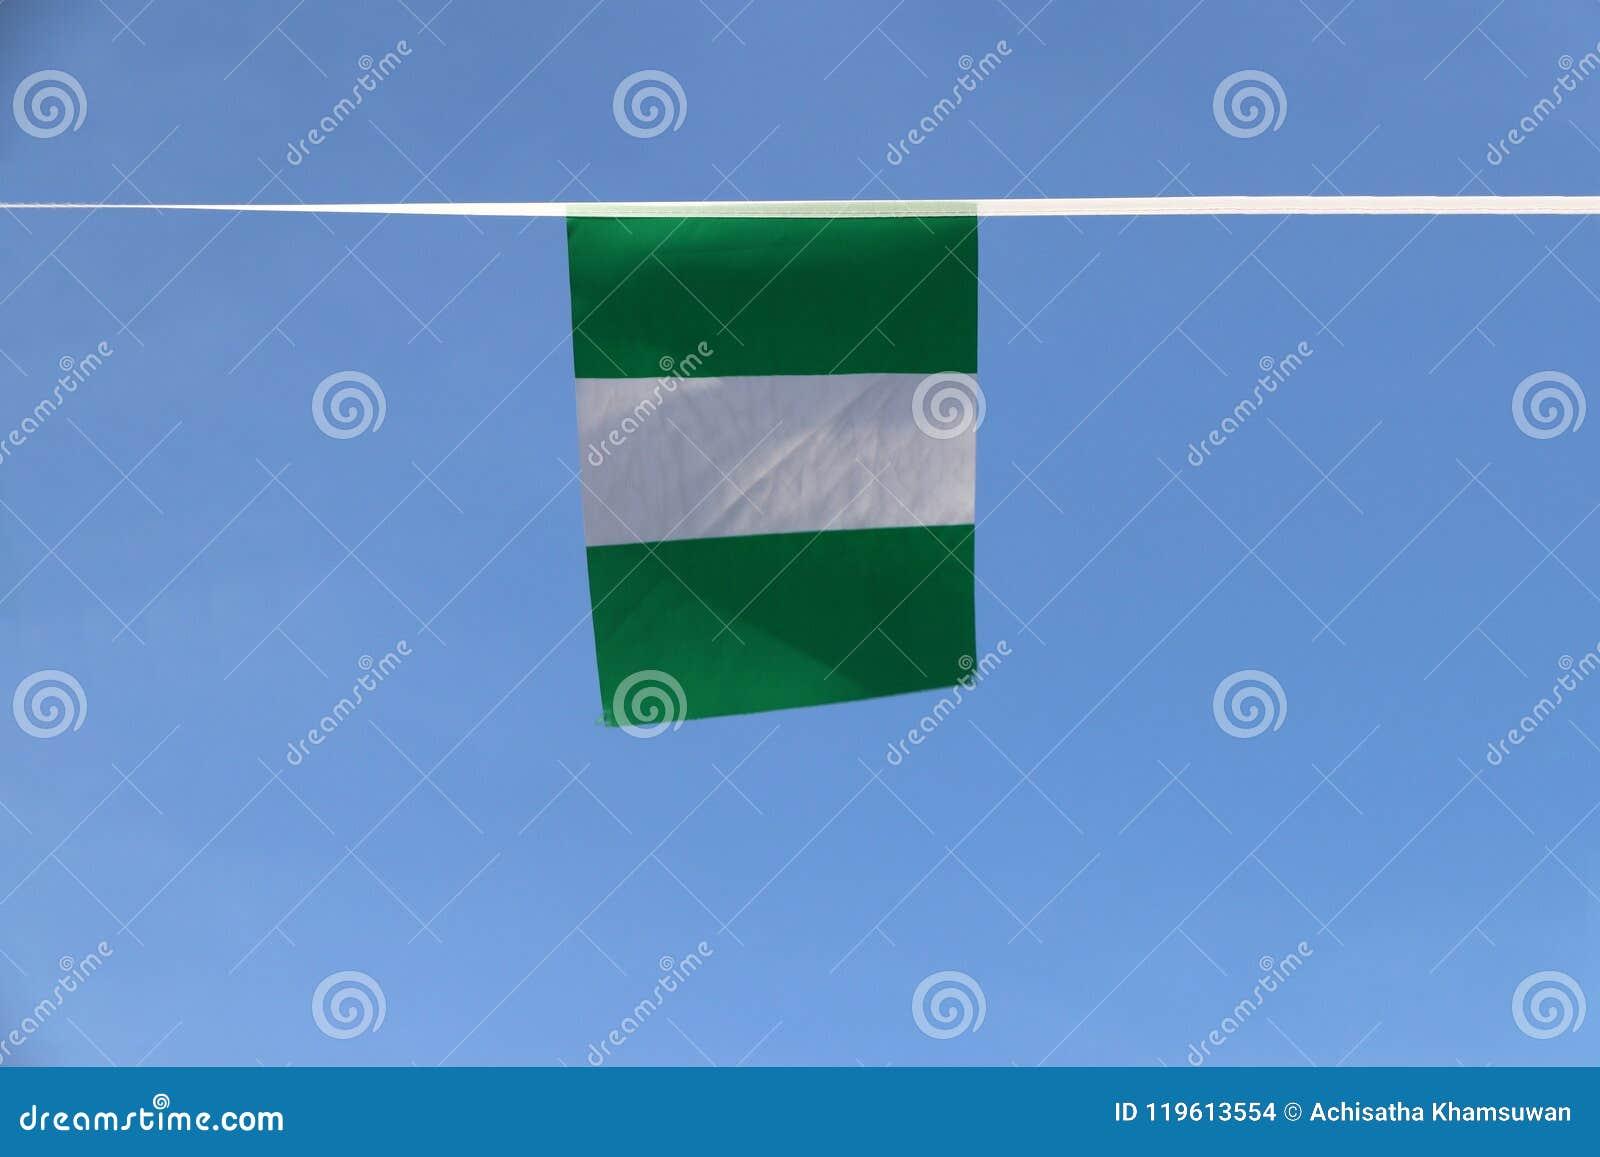 Den mini- tygstångflaggan av Nigeria, flaggan har tre vertikala musikband av gräsplan, vit, gräsplan